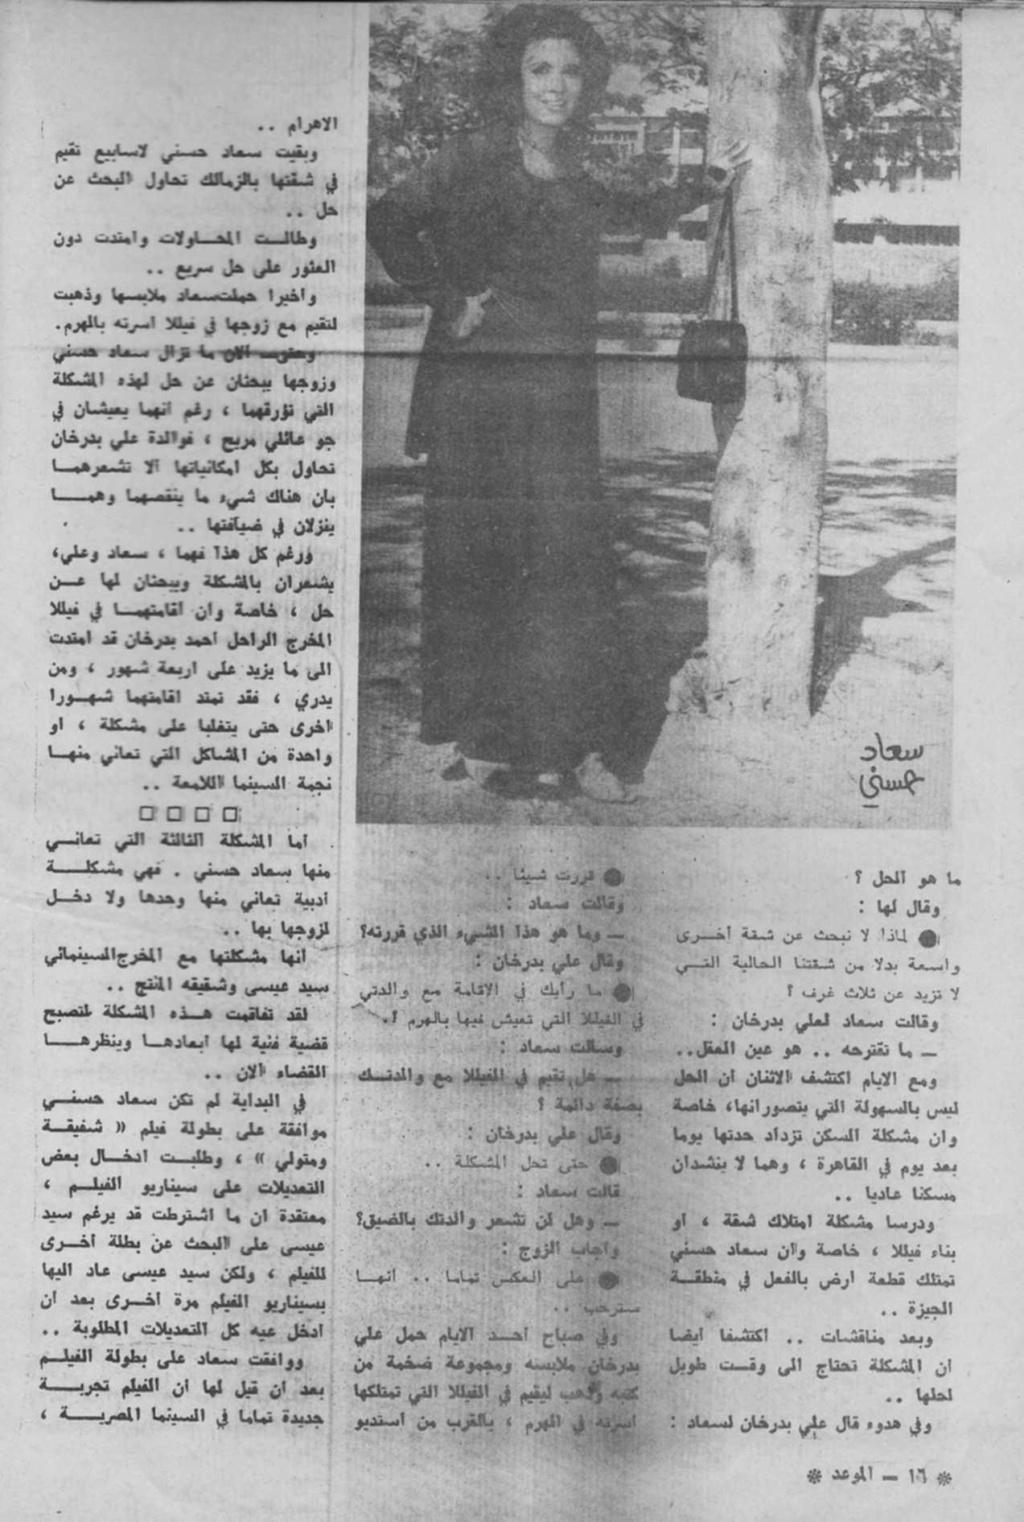 مقال صحفي : 3 مشاكل تؤرق سعاد حسني 1976 م 361